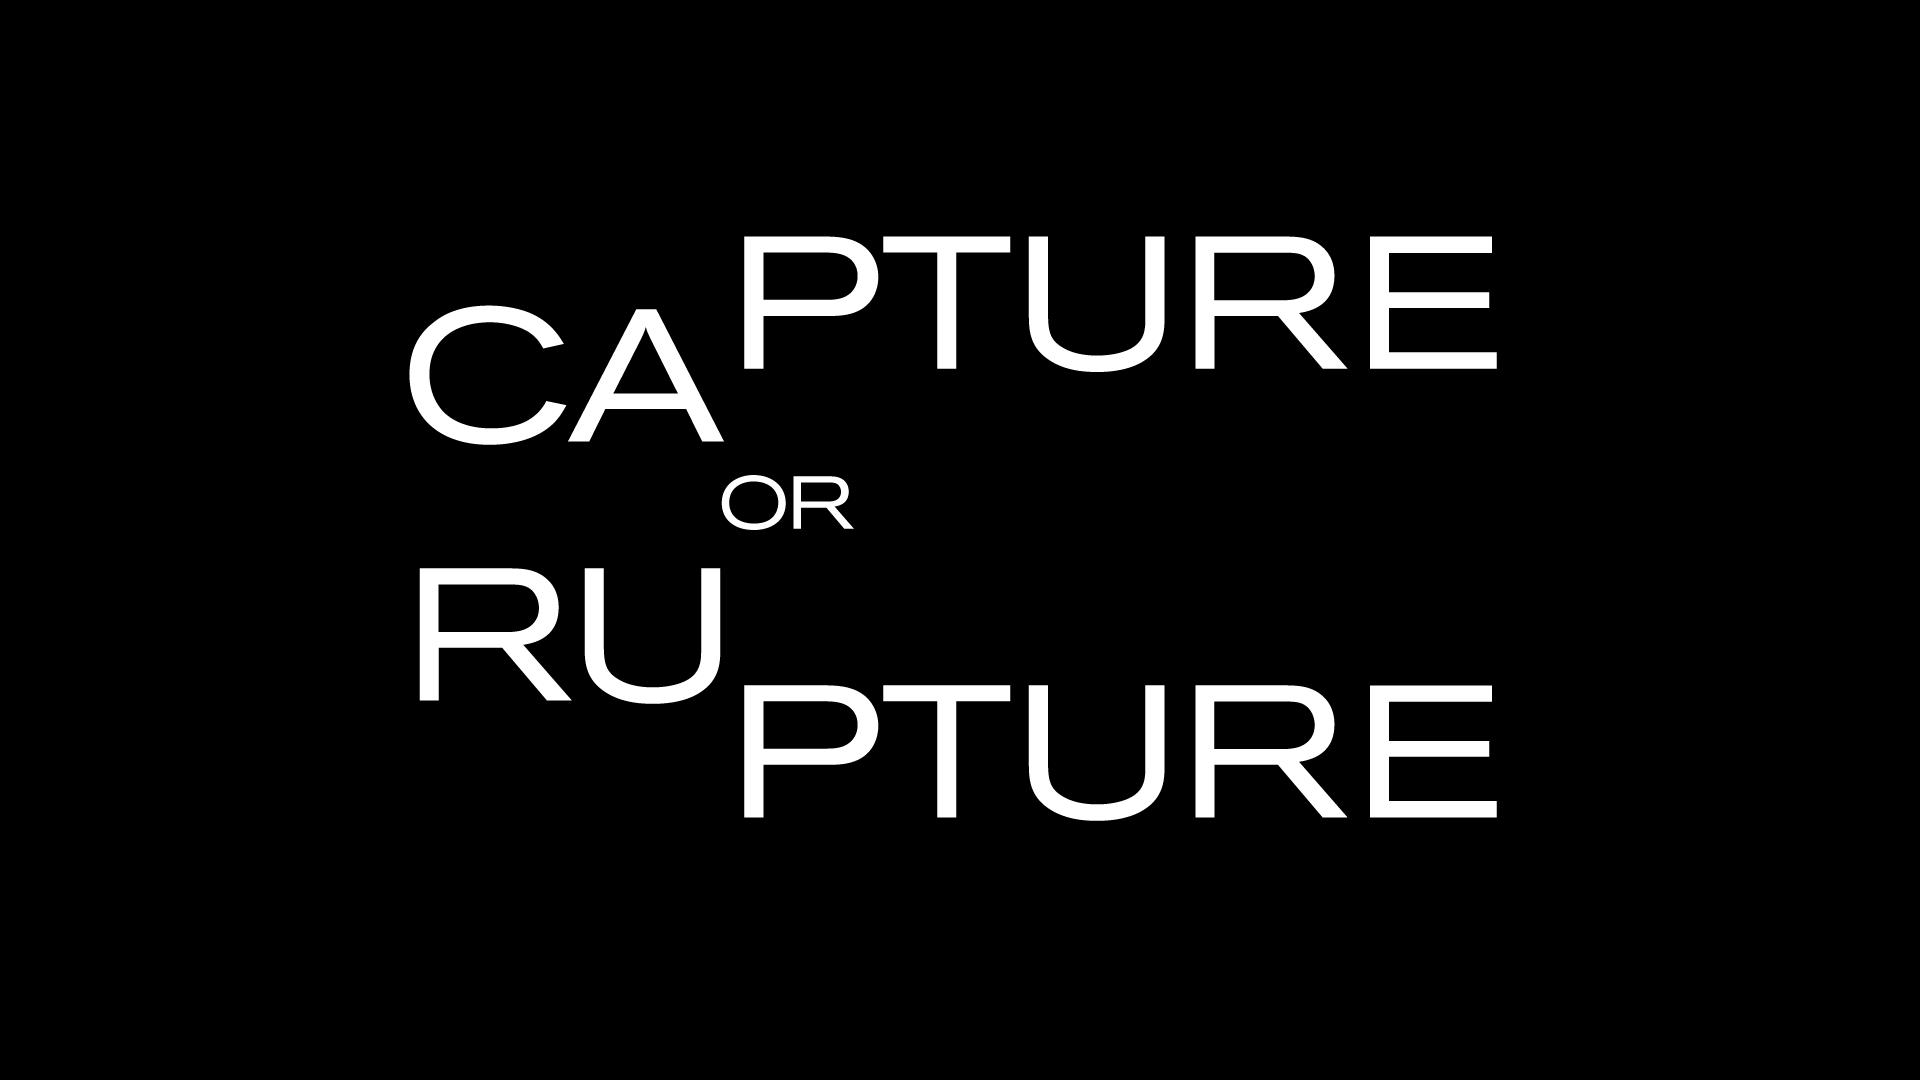 nc_capture_1920x1080.png